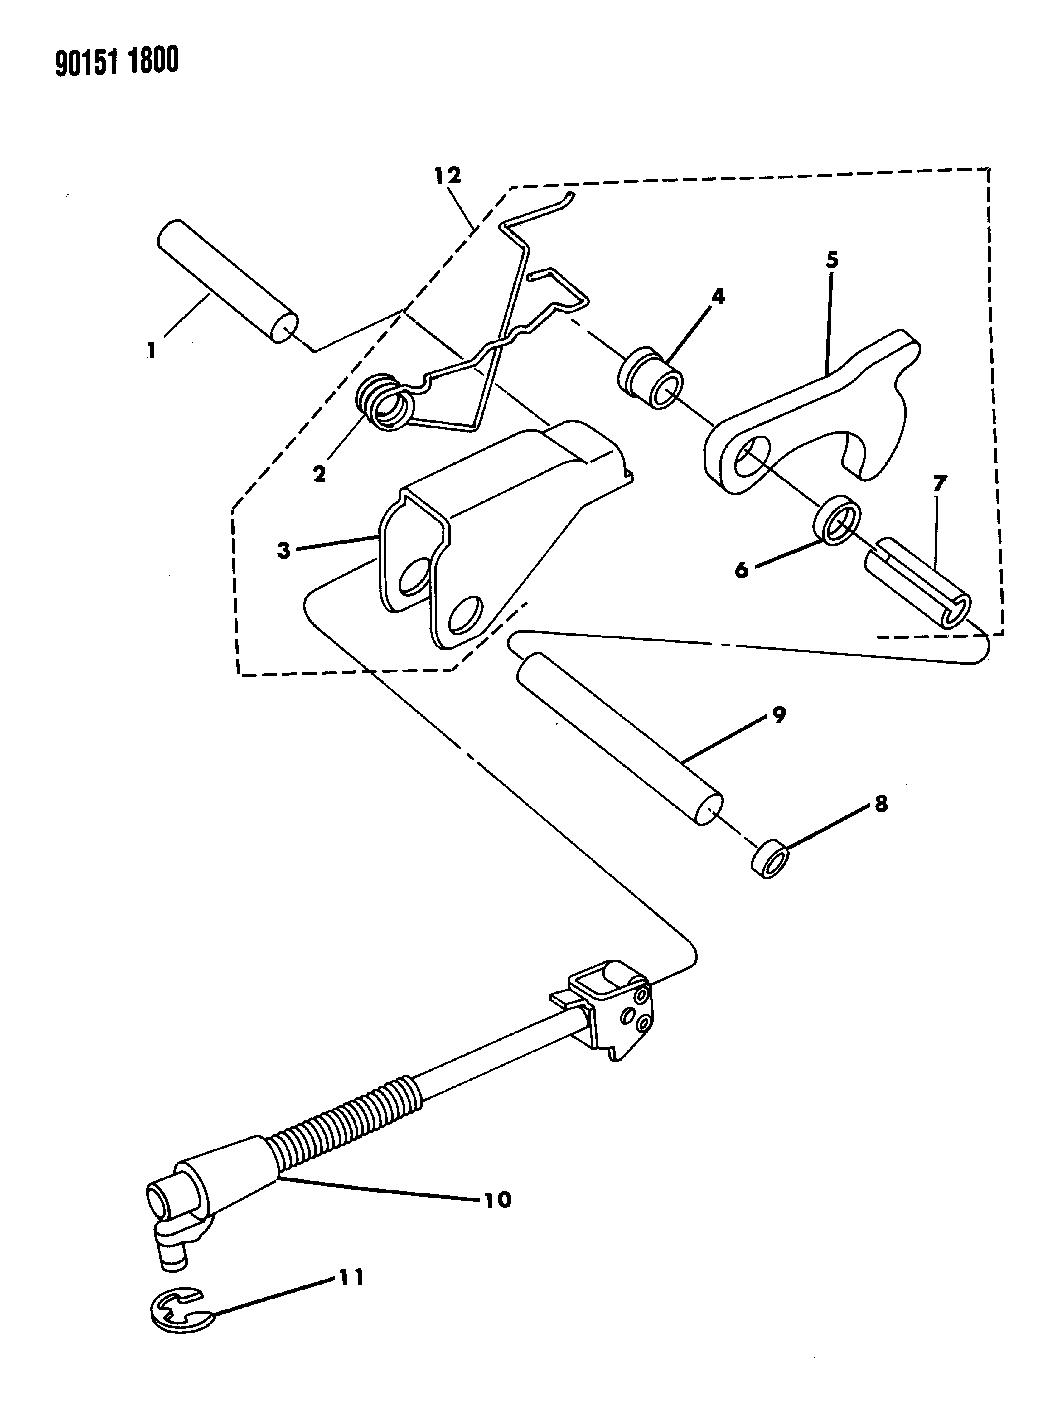 1990 chrysler new yorker base model parking sprag